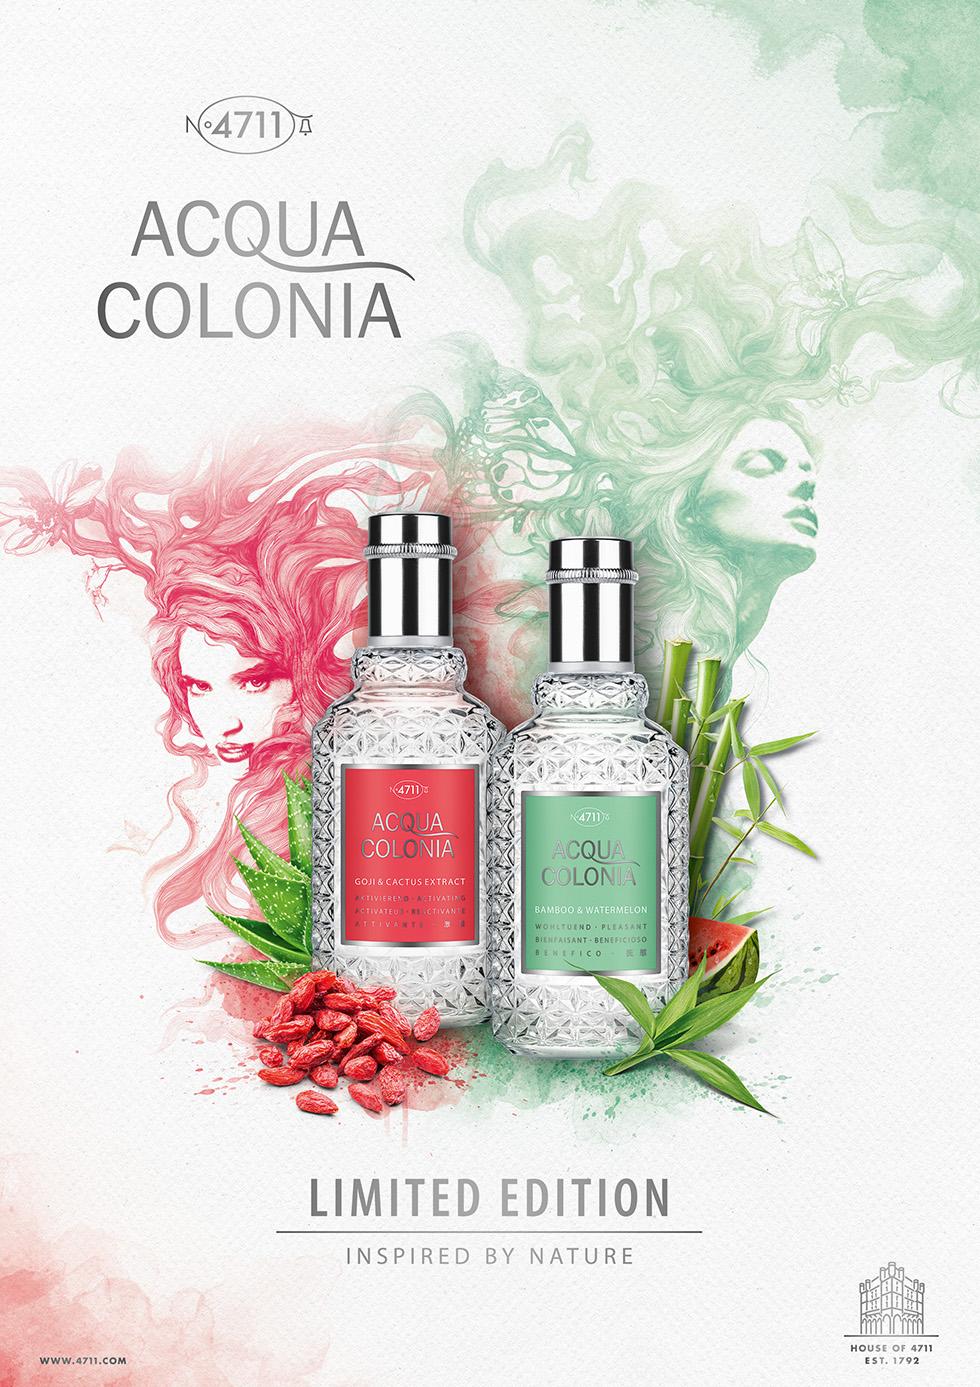 Dies ist ein Bild von Aqua Colonia